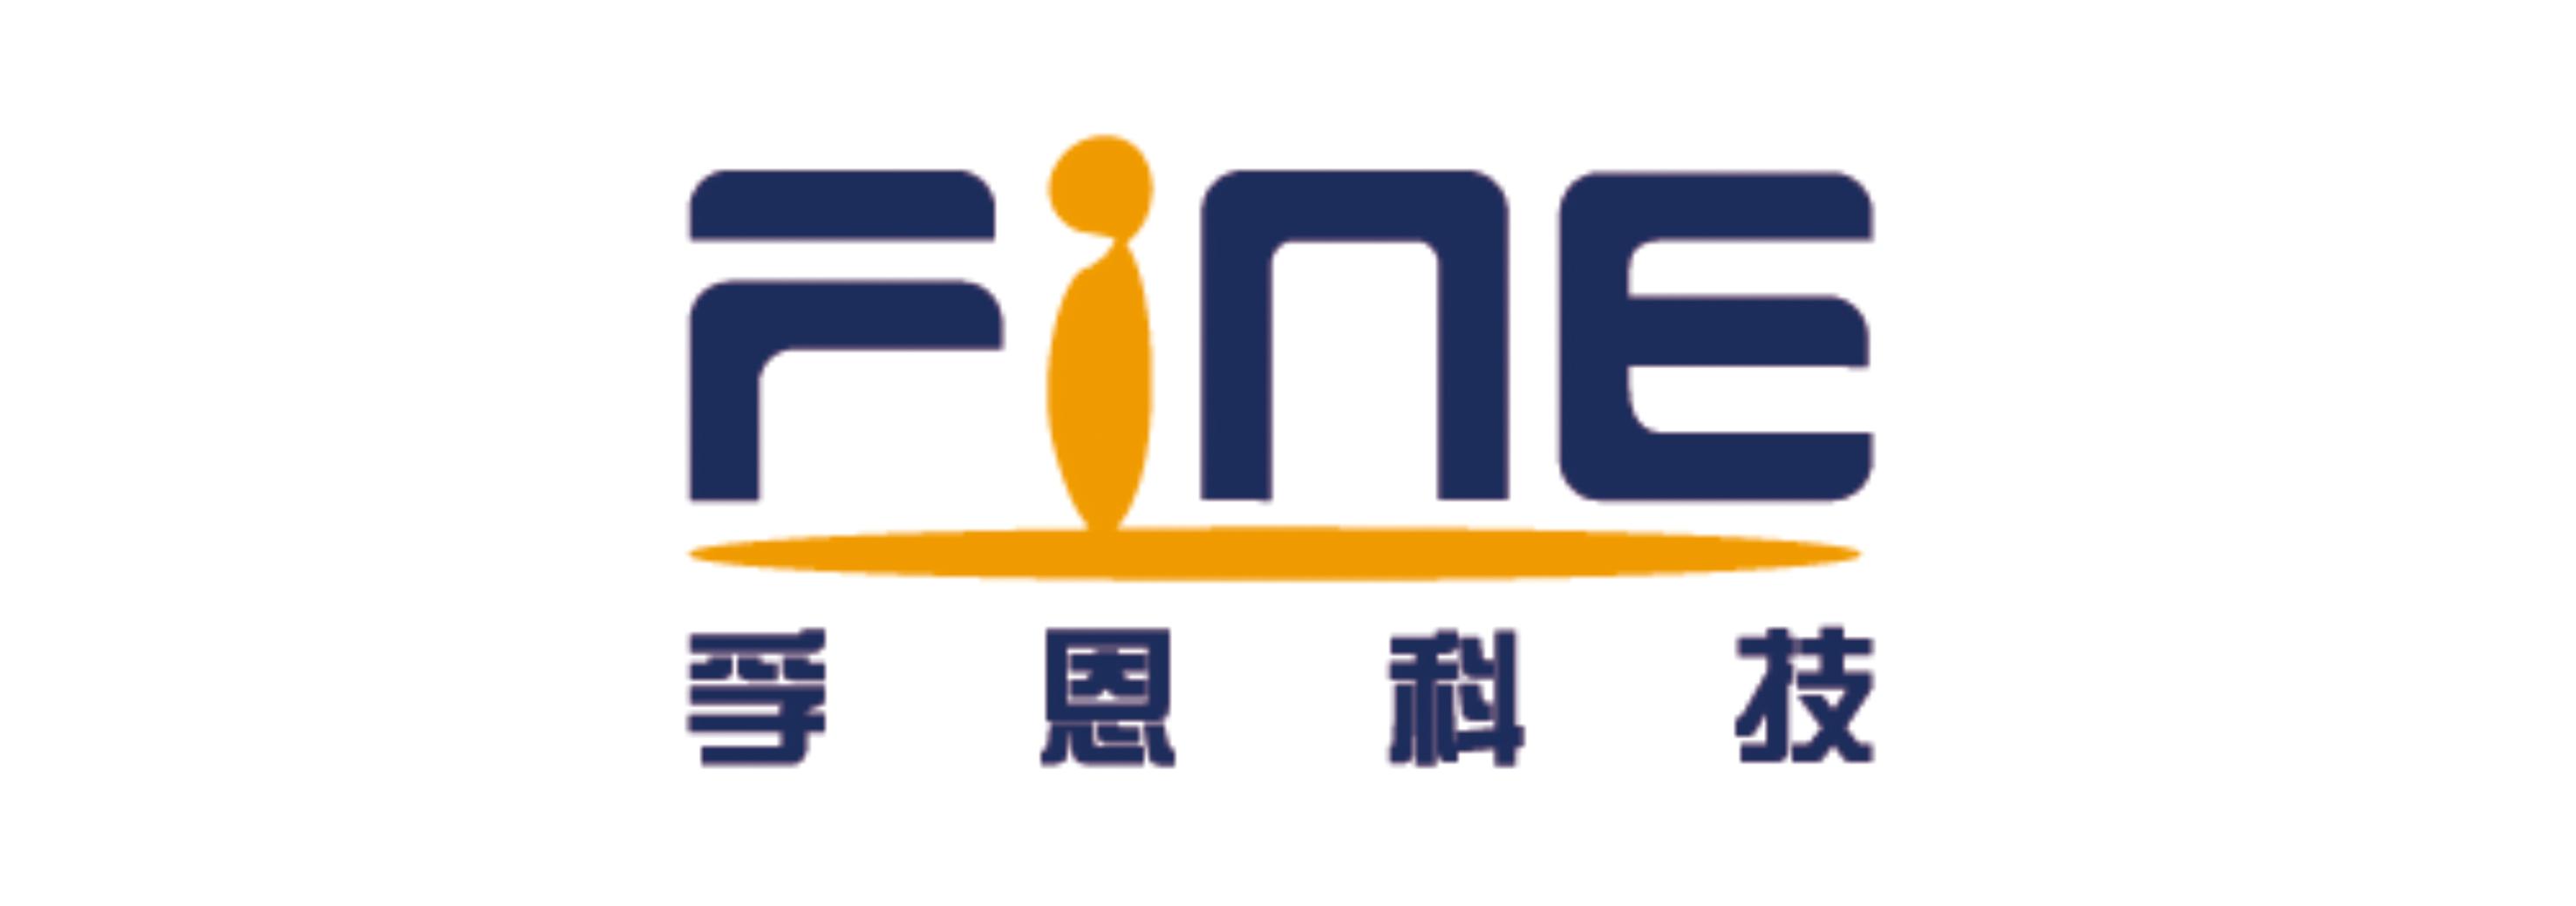 上海孚恩电子科技有限公司-深圳物联网展会